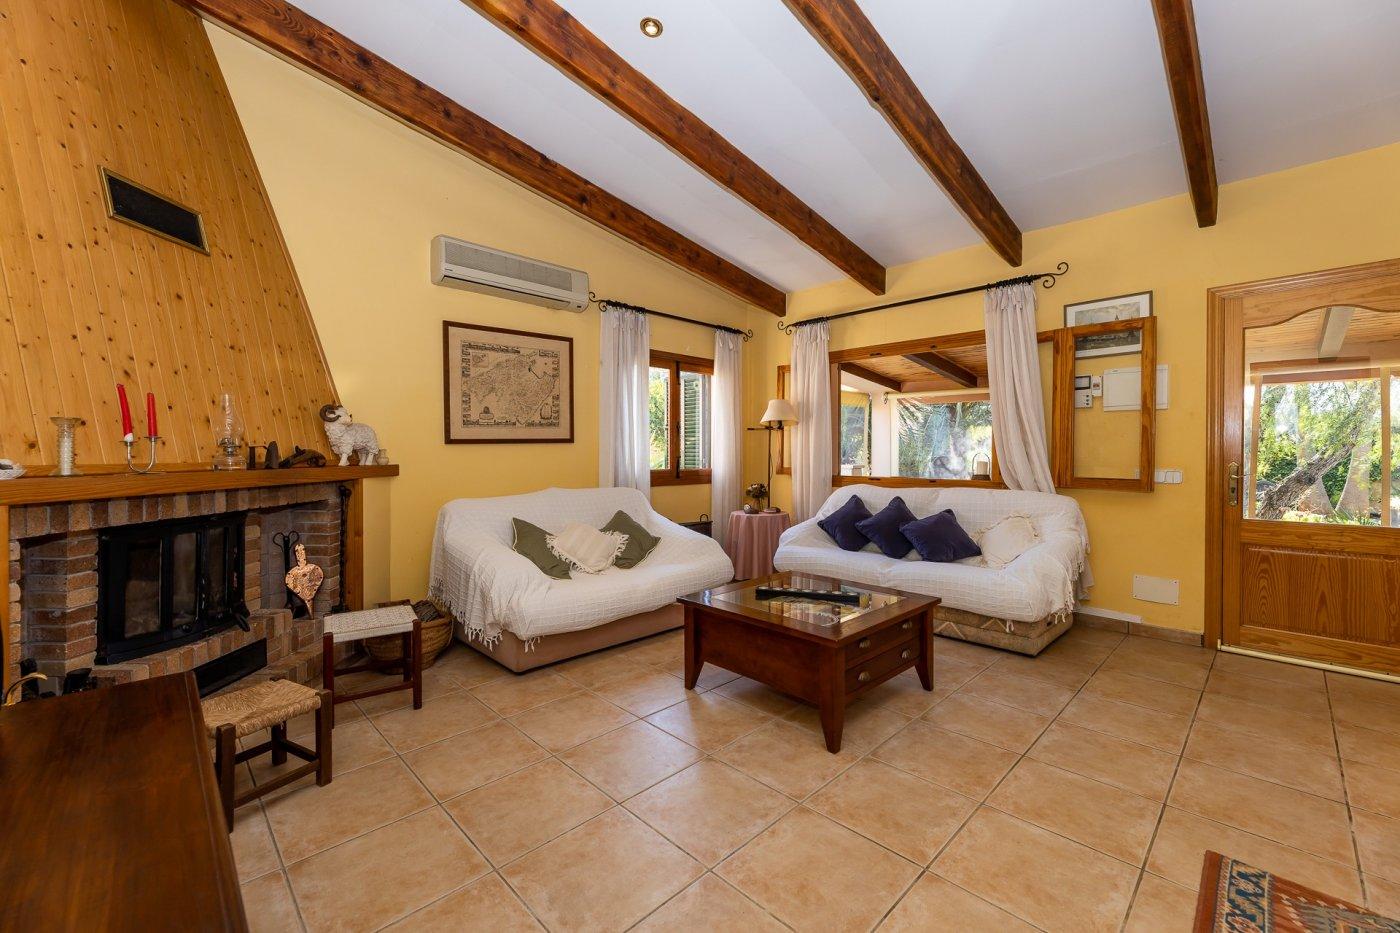 Casa rústica en sancellas - imagenInmueble12